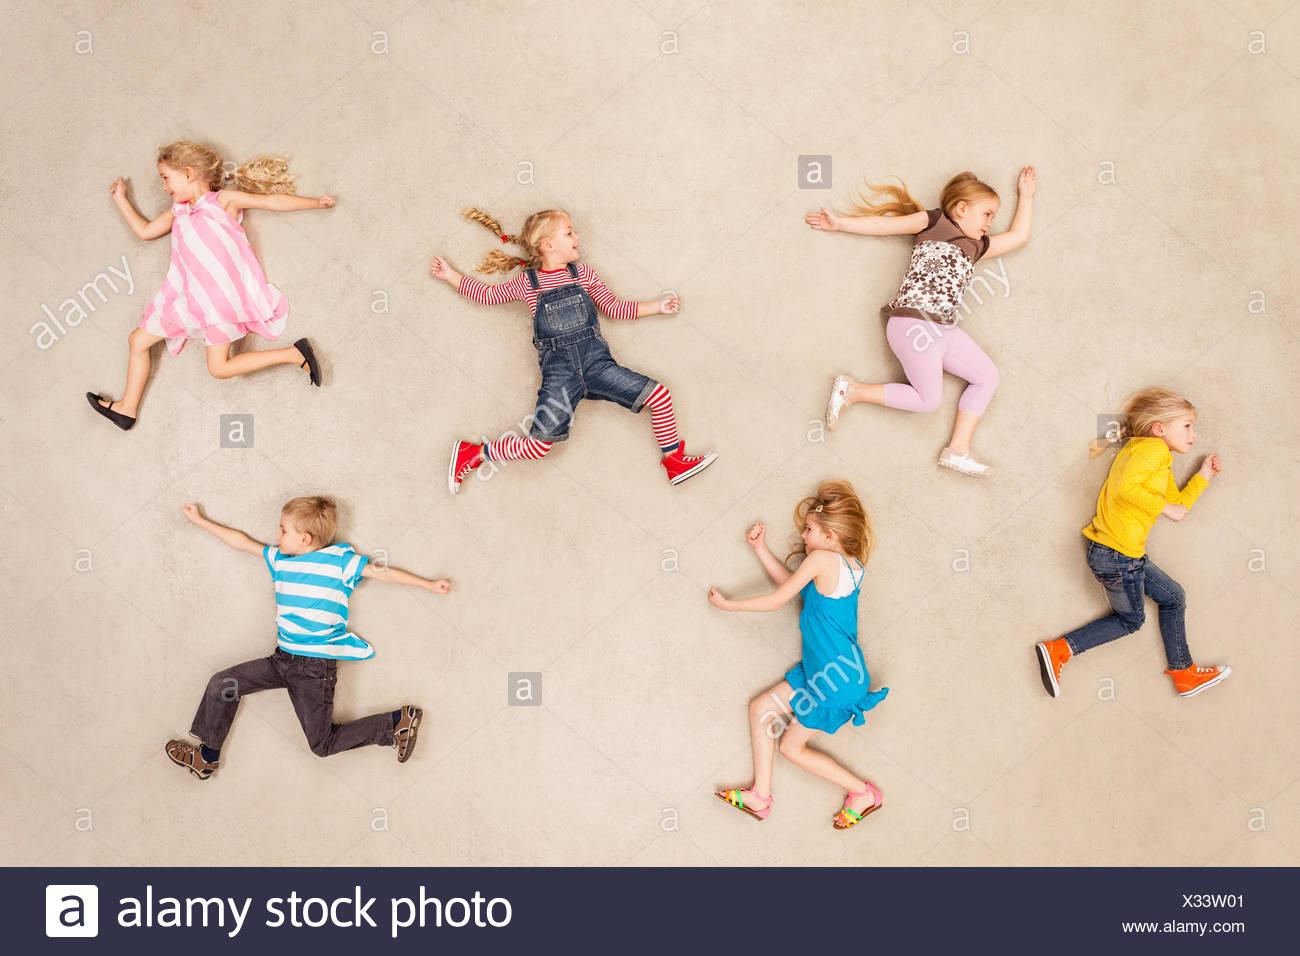 Children running around in chaos - Stock Image